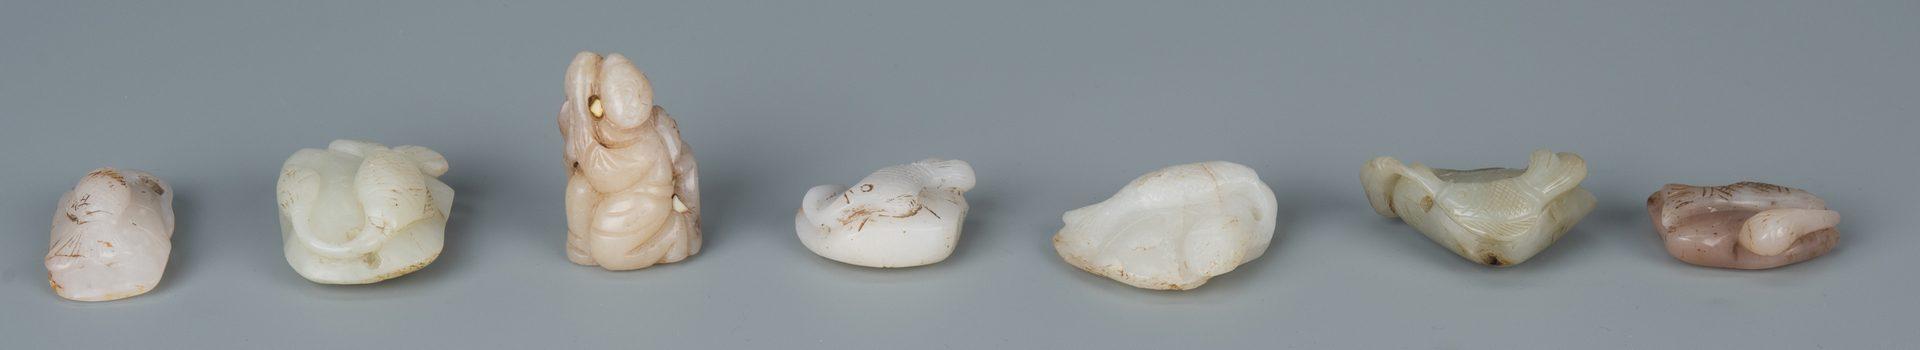 Lot 131: 7 Chinese Jade Toggles, incl. Fish